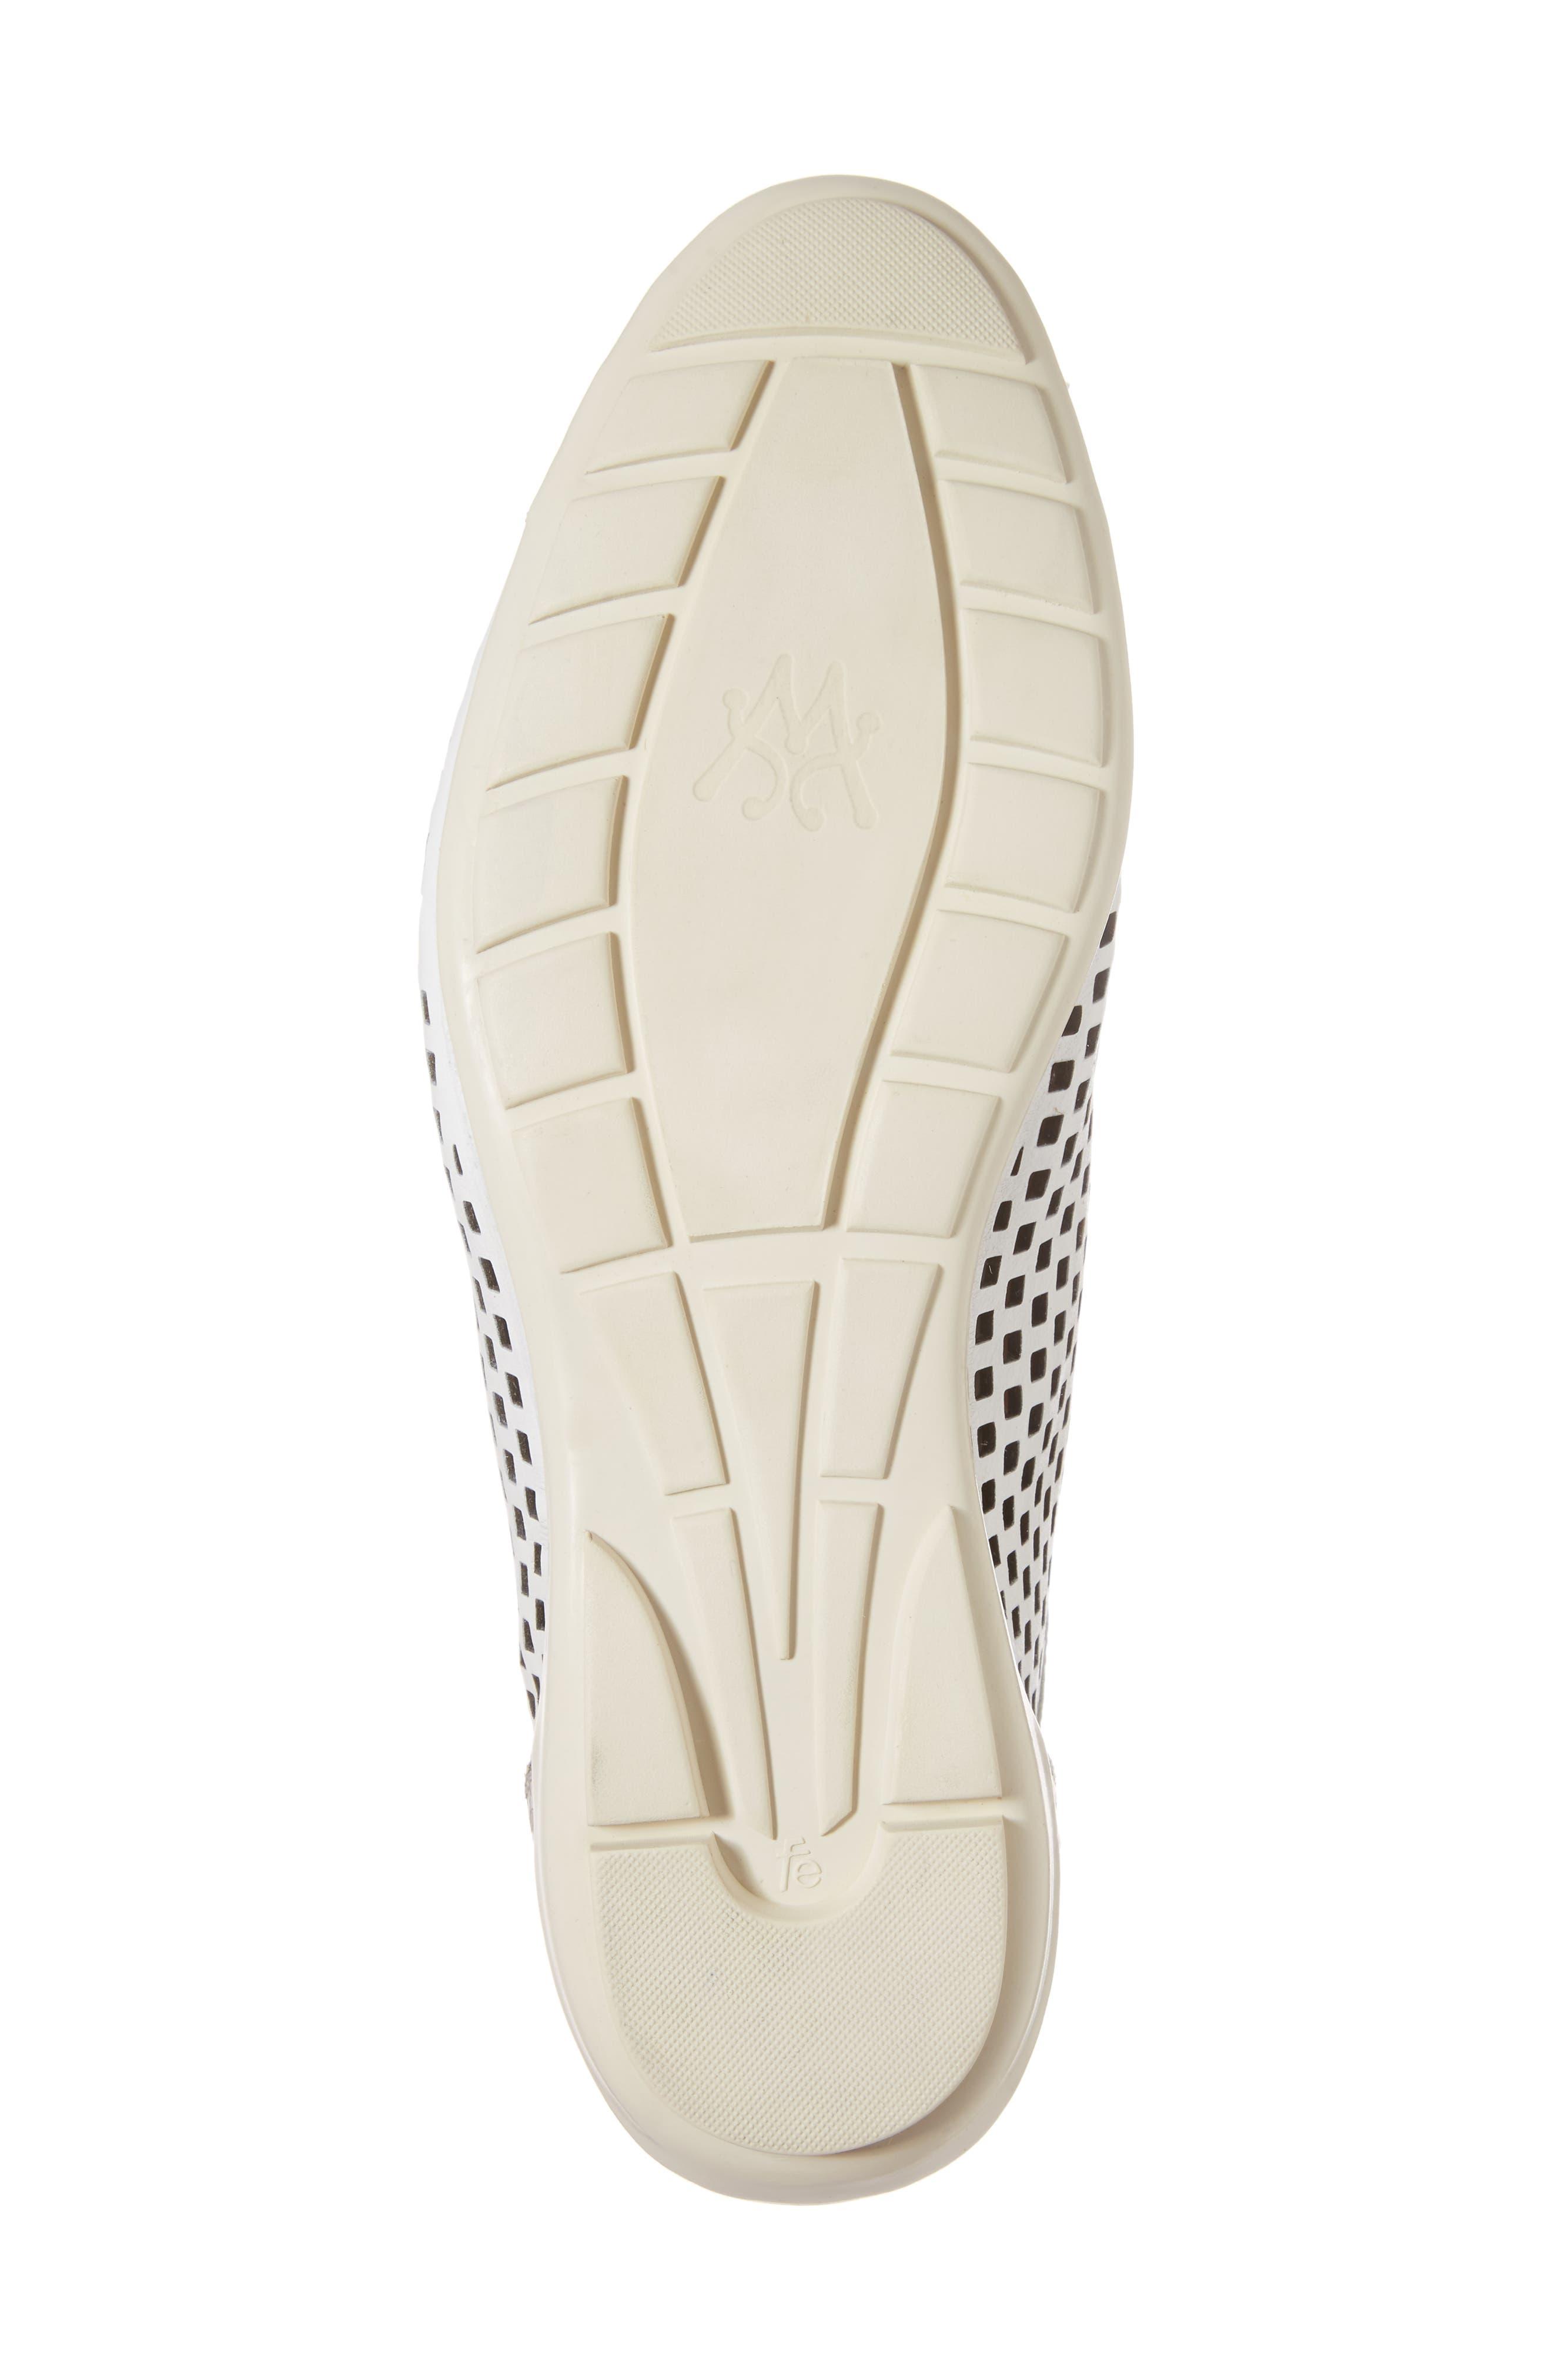 Scharf Sneaker,                             Alternate thumbnail 6, color,                             Bone